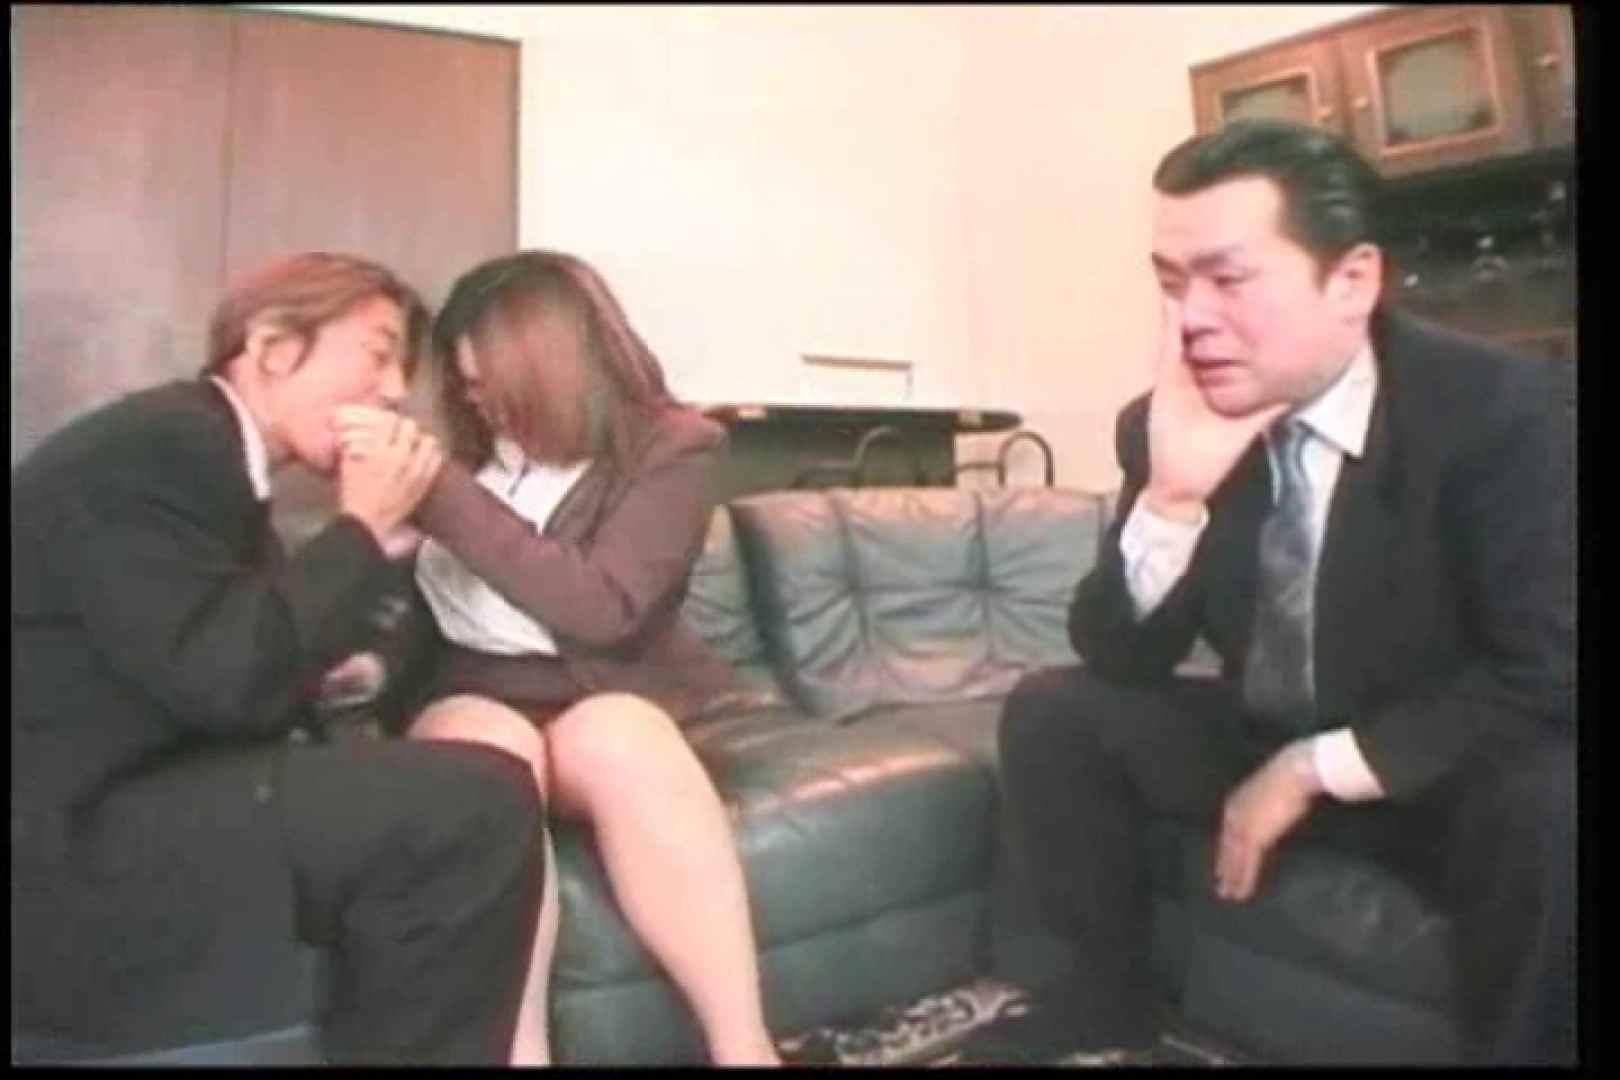 尊敬する先輩に女をささげる後輩 雪谷真央 セックス 盗撮画像 92pic 21